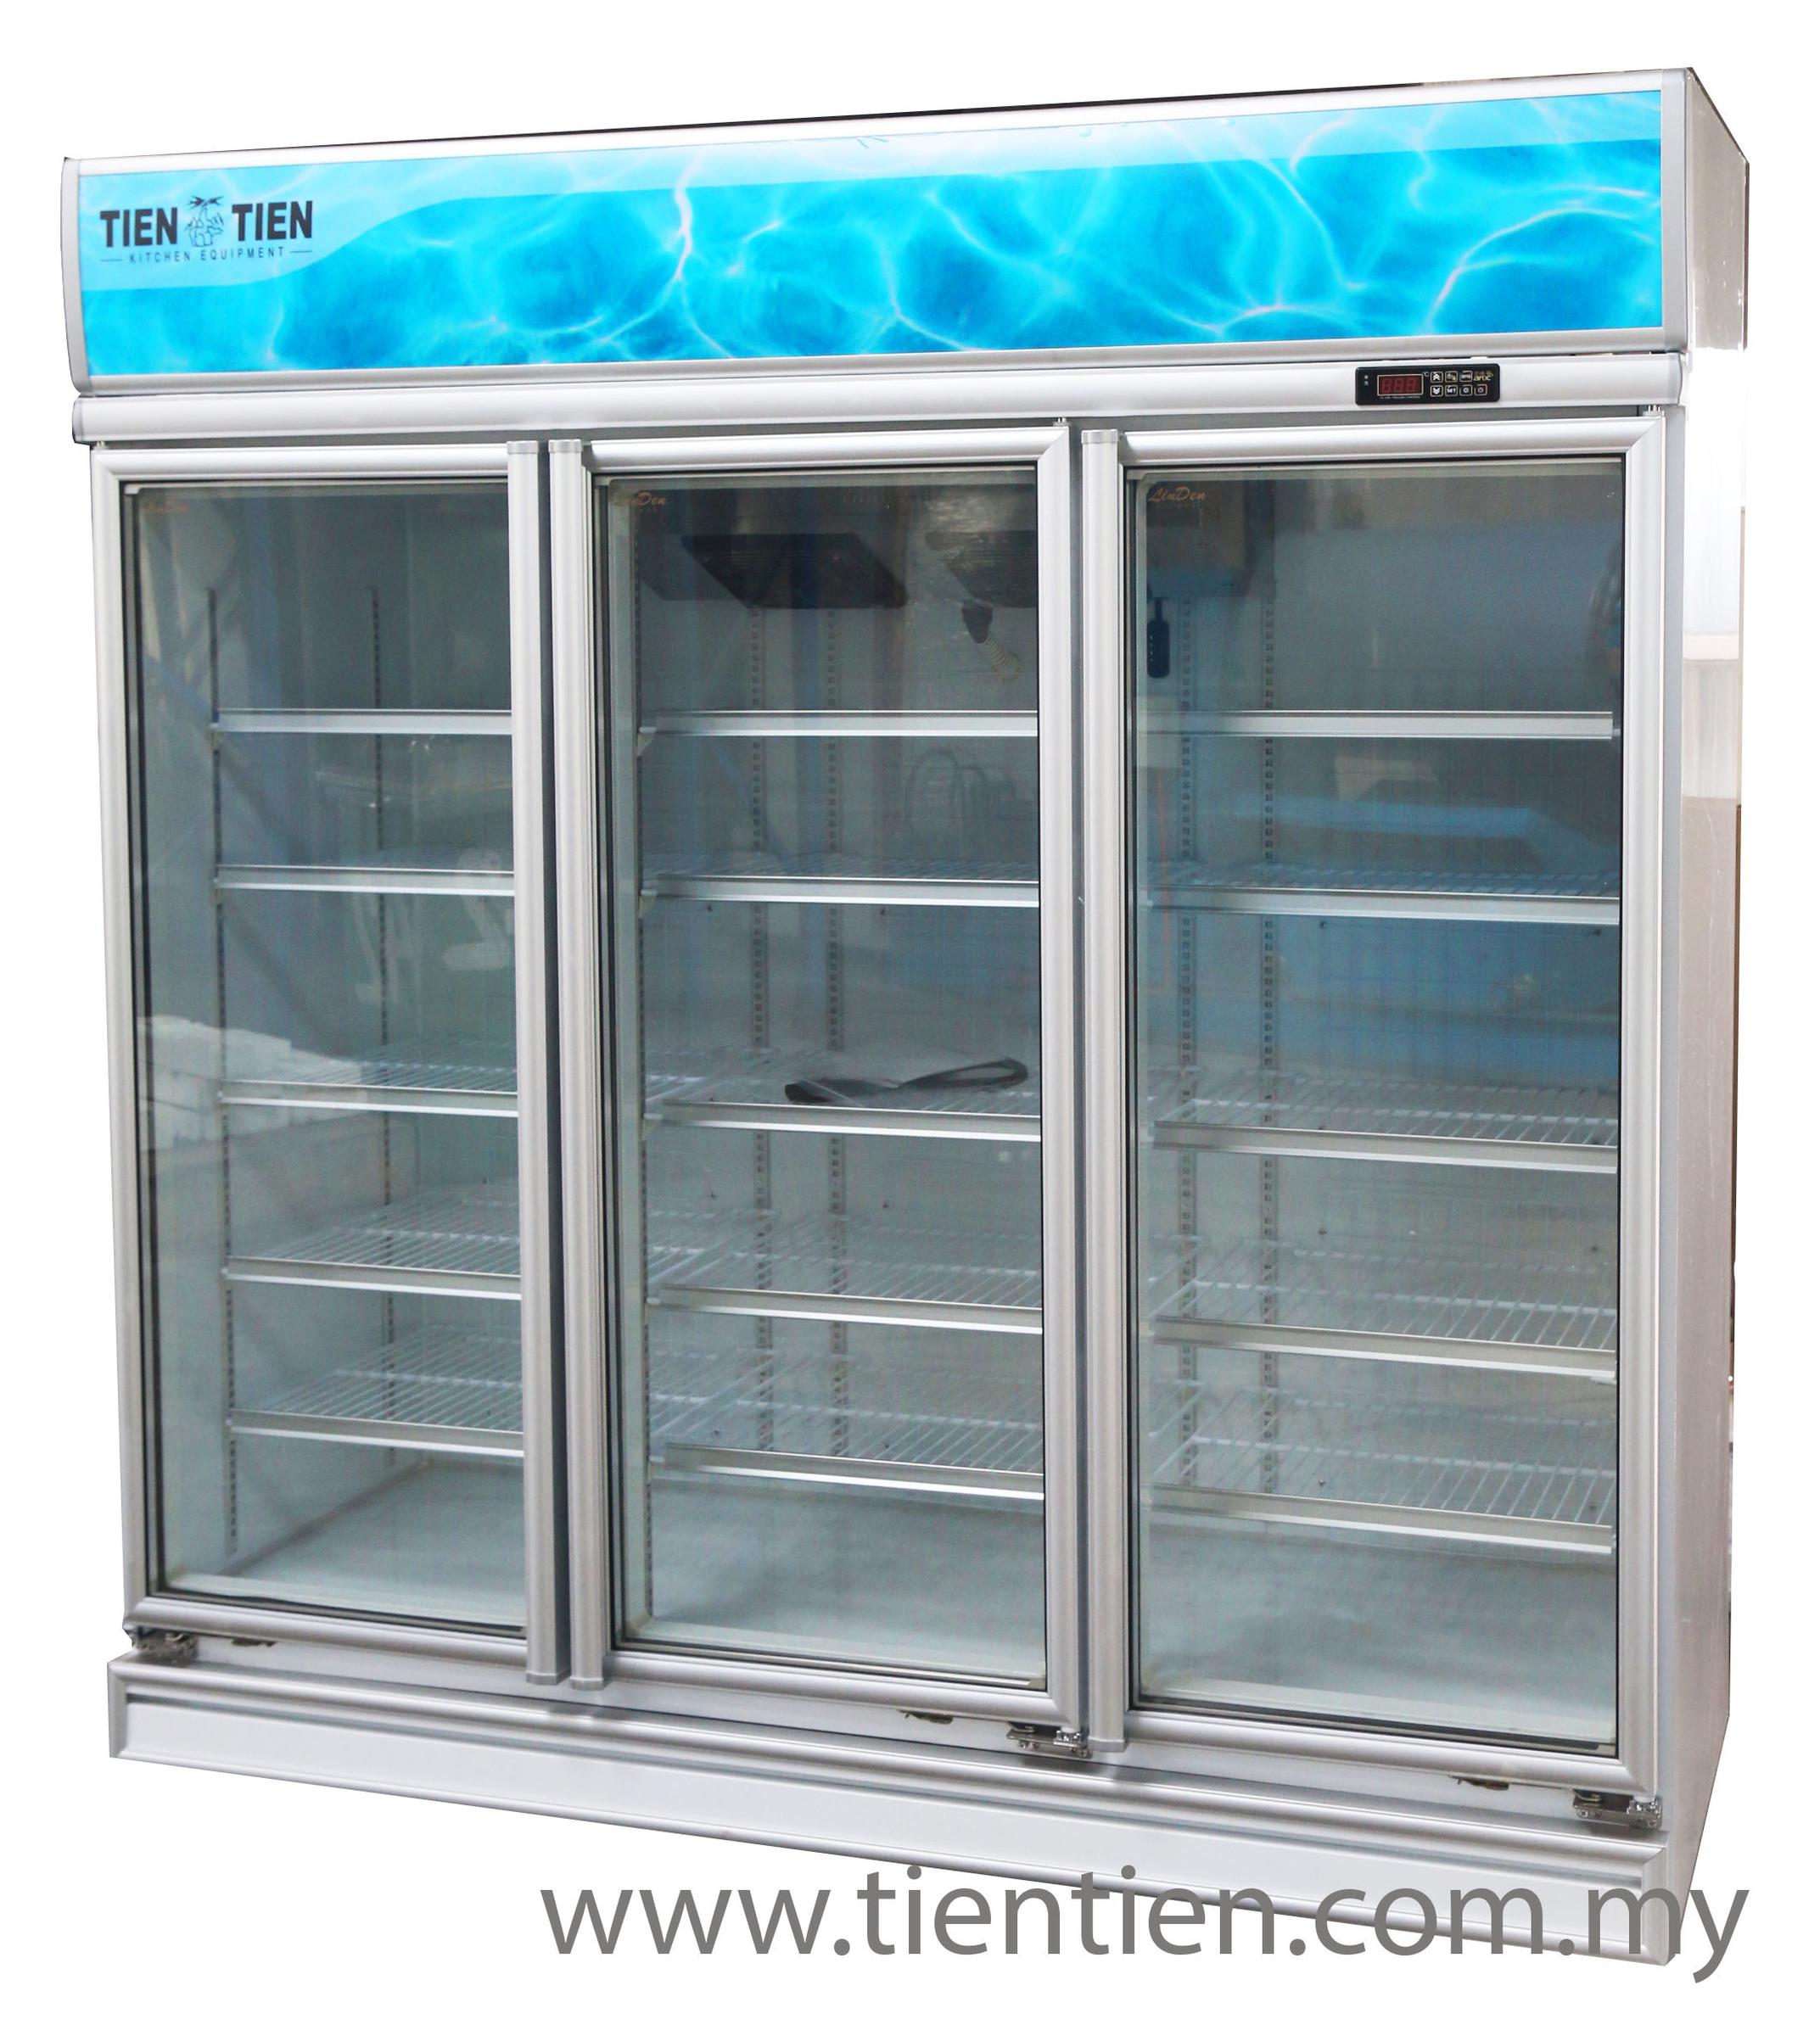 taiwan-import-3-door-chiller-freezer-tientien-malaysia.jpg